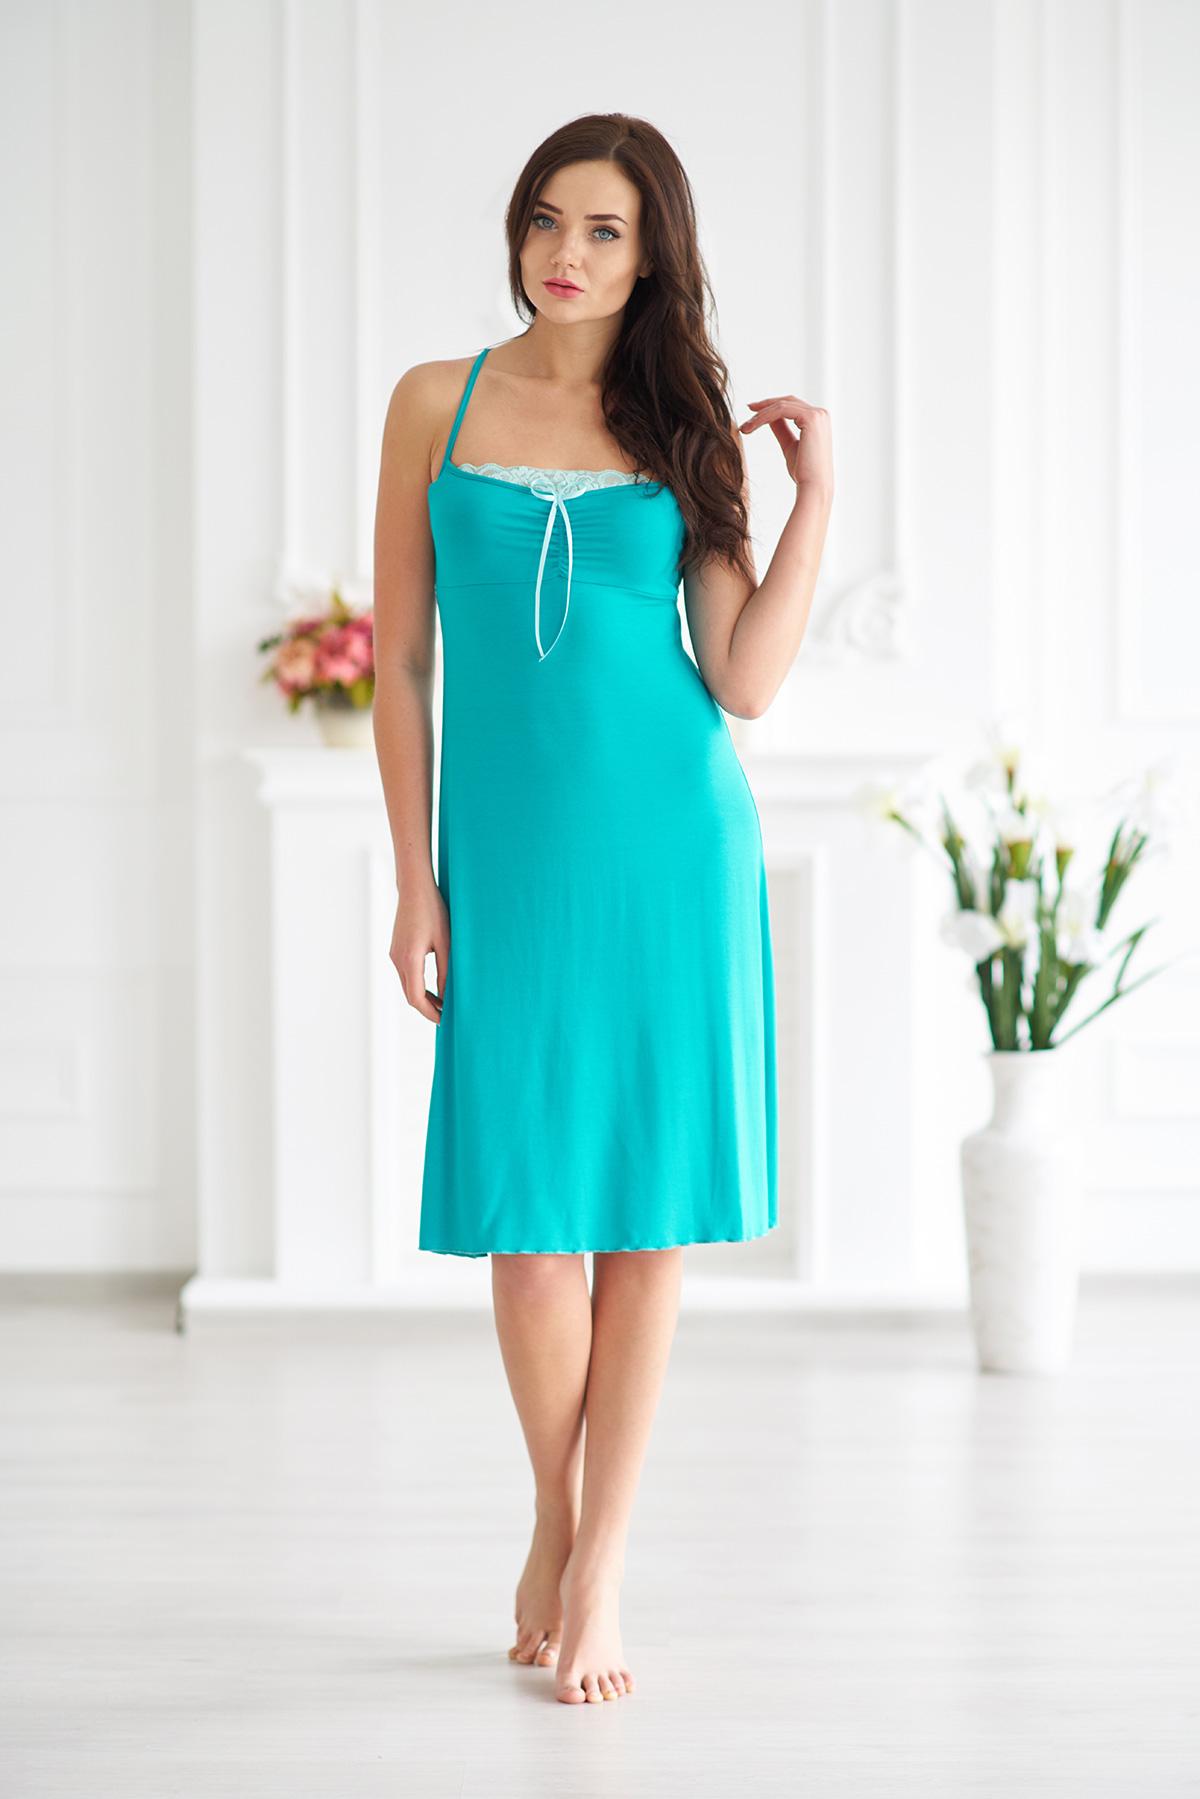 Жен. сорочка арт. 19-0019 Изумрудный р. 48Ночные сорочки<br>Факт. ОГ: 74 см <br>Факт. ОТ: 100 см <br>Факт. ОБ: 114 см <br>Длина по спинке: 79 см<br><br>Тип: Жен. сорочка<br>Размер: 48<br>Материал: Вискоза